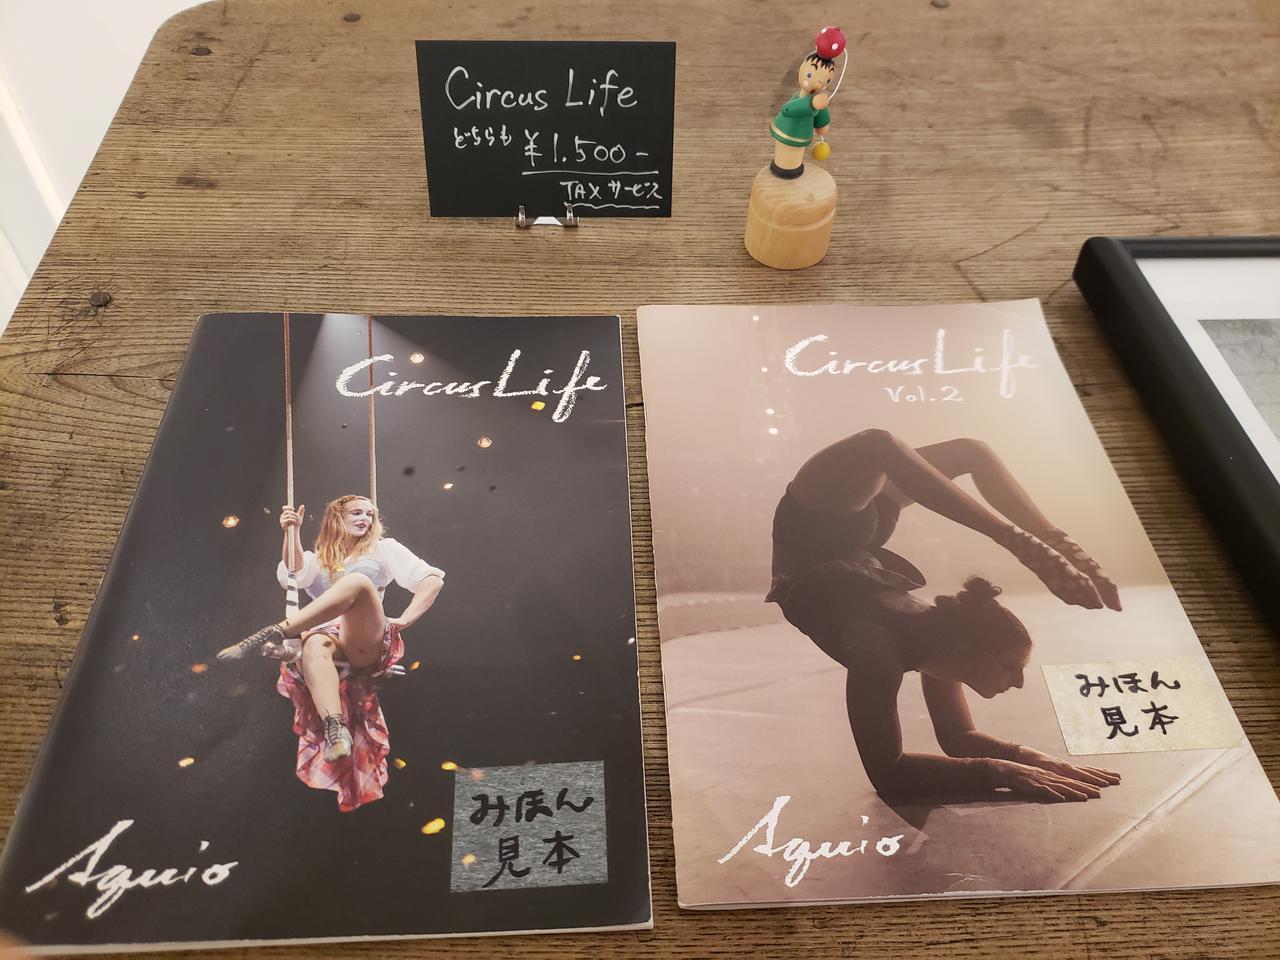 画像: 写真集「Circus Life vol.1」「Circus Life vol.2」(1,500円)や、額装されたキャビネサイズのプリント(6,000円+税)も販売されています。